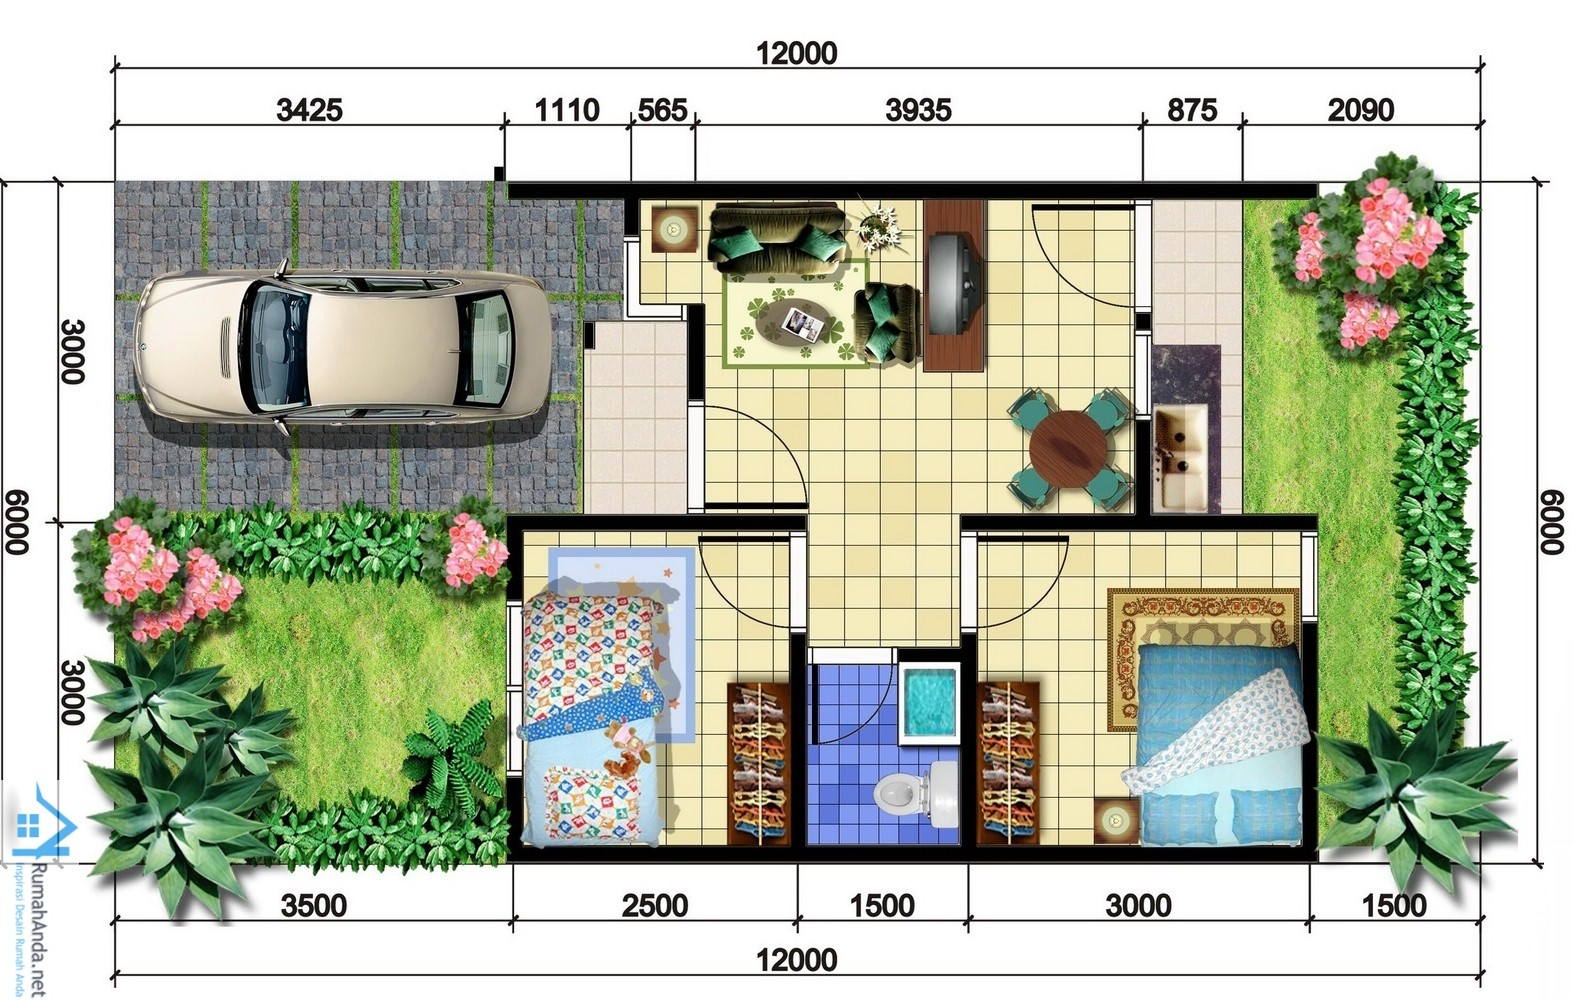 69 Desain Rumah Minimalis Ukuran 6x12 Desain Rumah Minimalis Terbaru